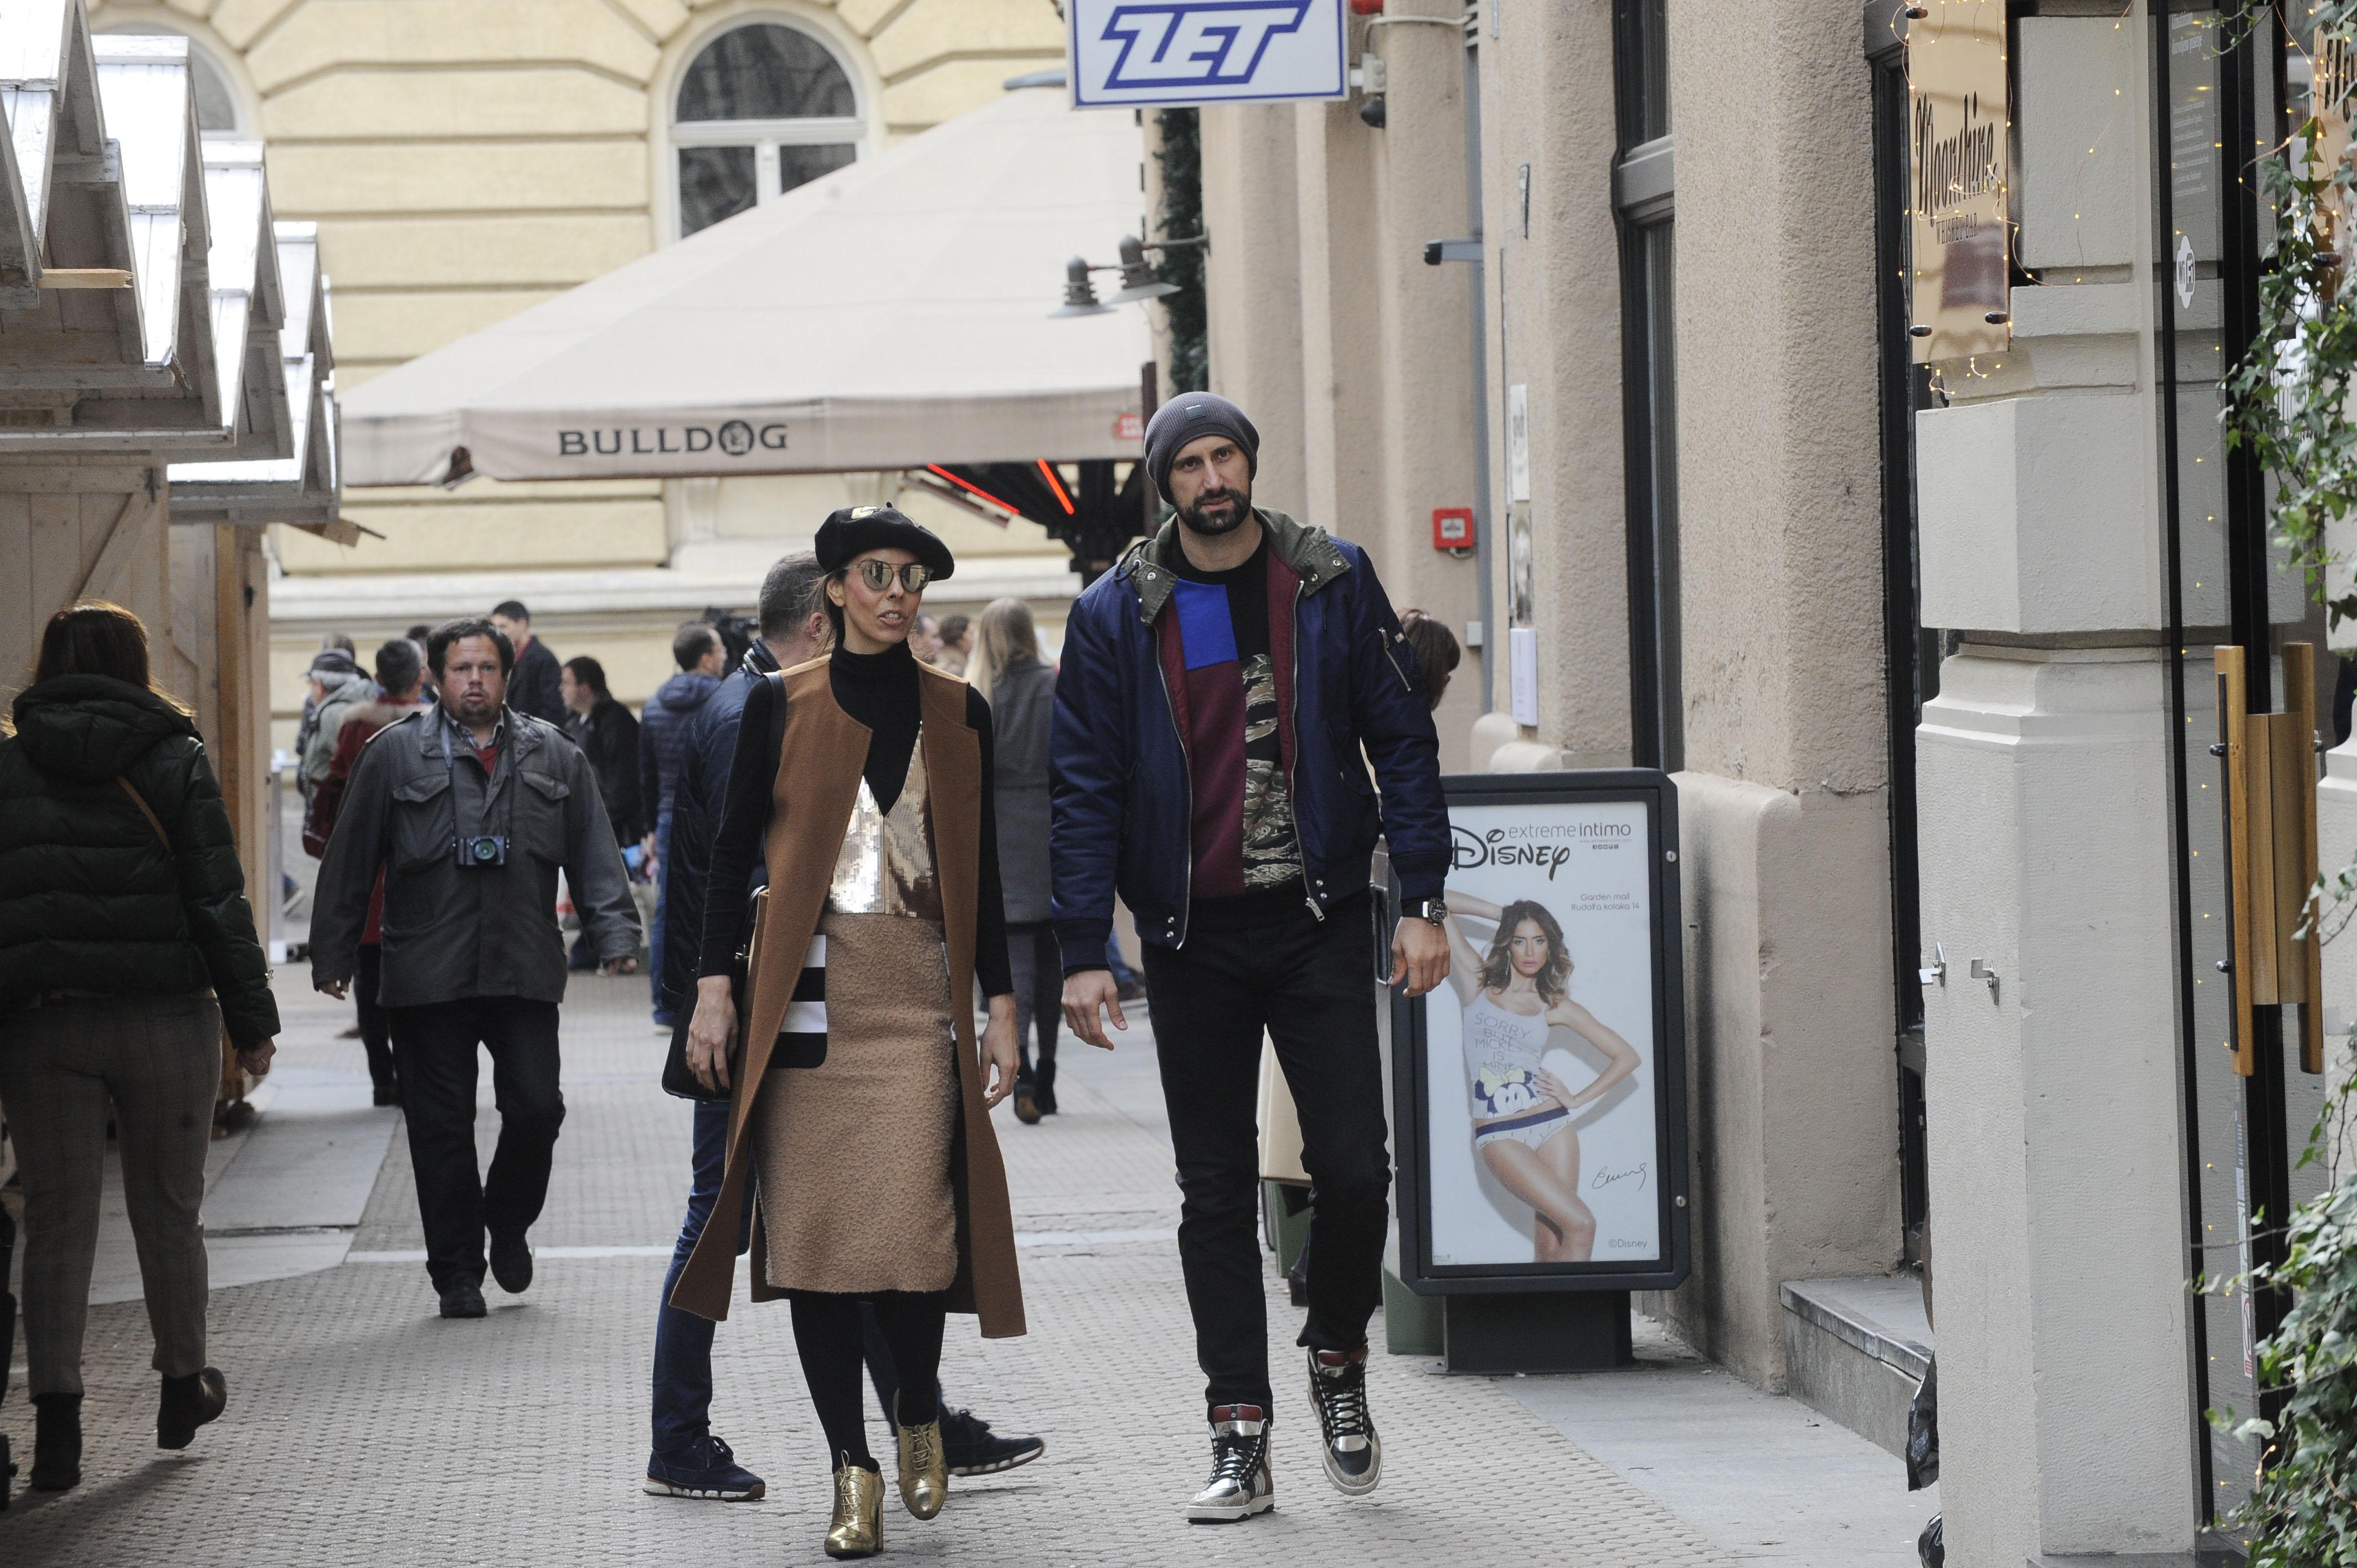 Spica / Zagreb 25.11.2017. / foto: Davor Matota / Igor Vori i Olja Vori